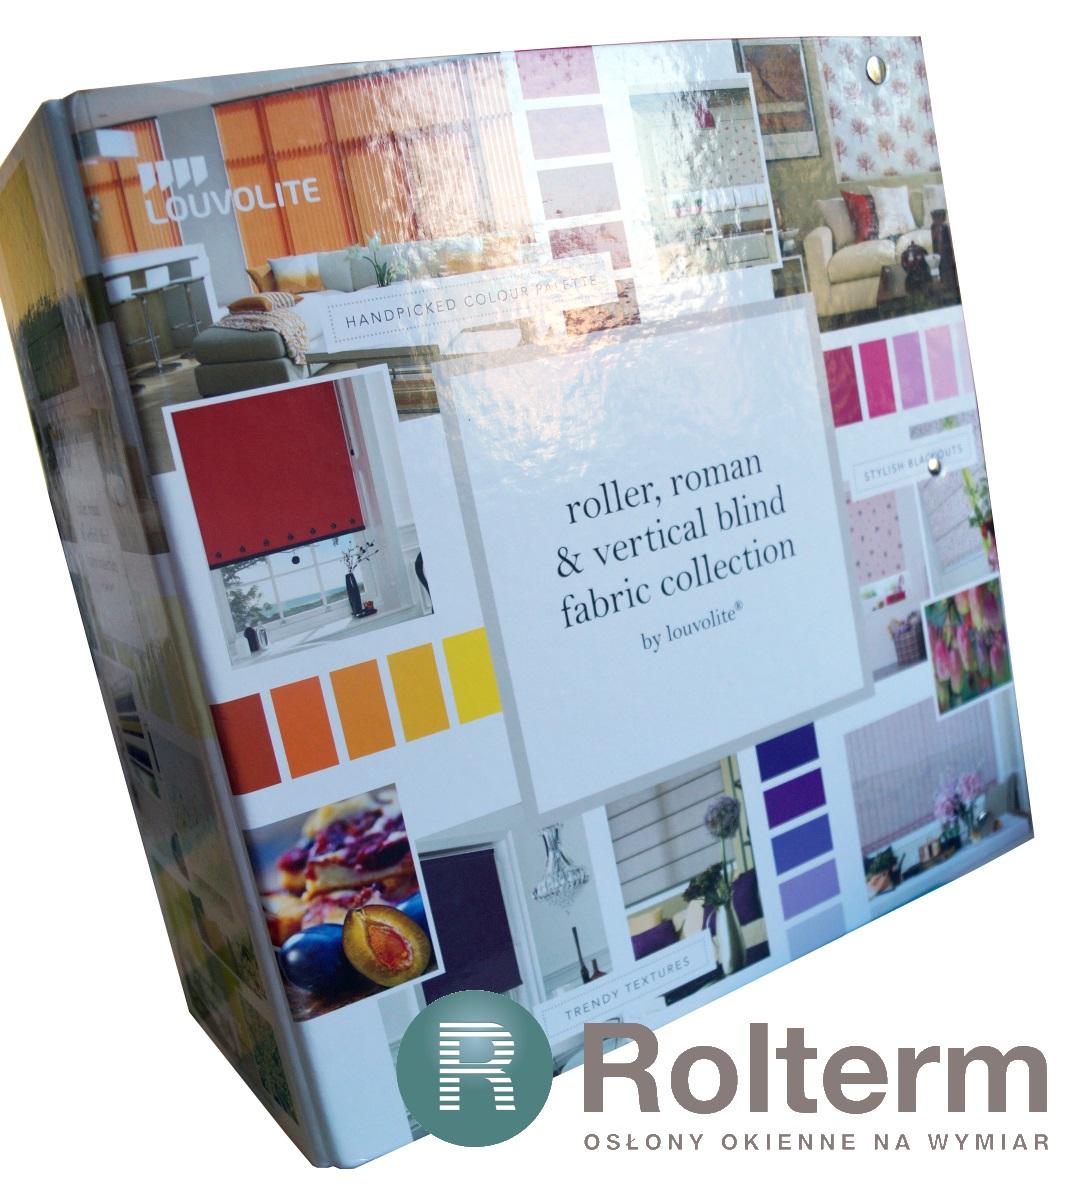 Nowa kolekcja tkanin roletowych louvolite